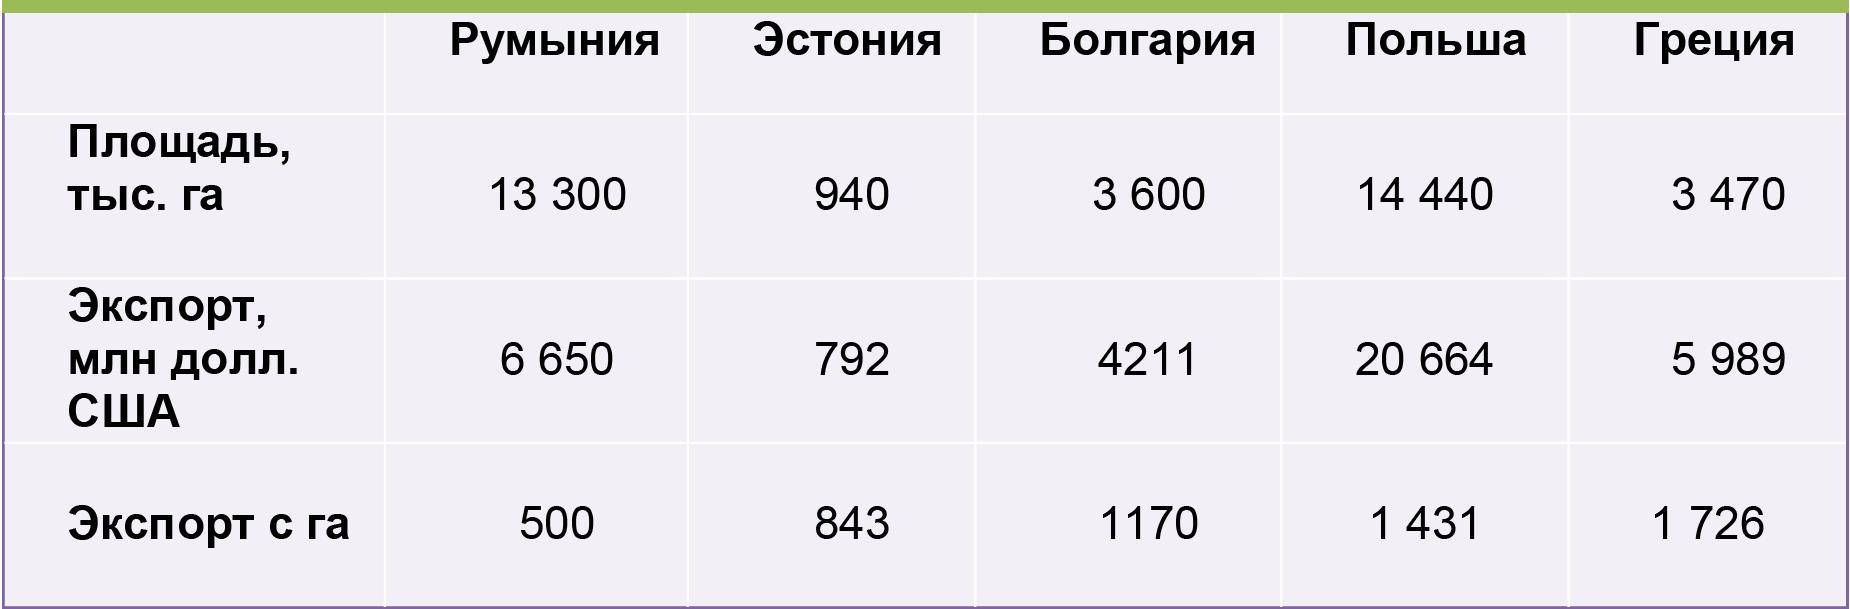 Экспорт сельскохозяйственной продукции и продовольственных товаров, Восточная Европа, 2015